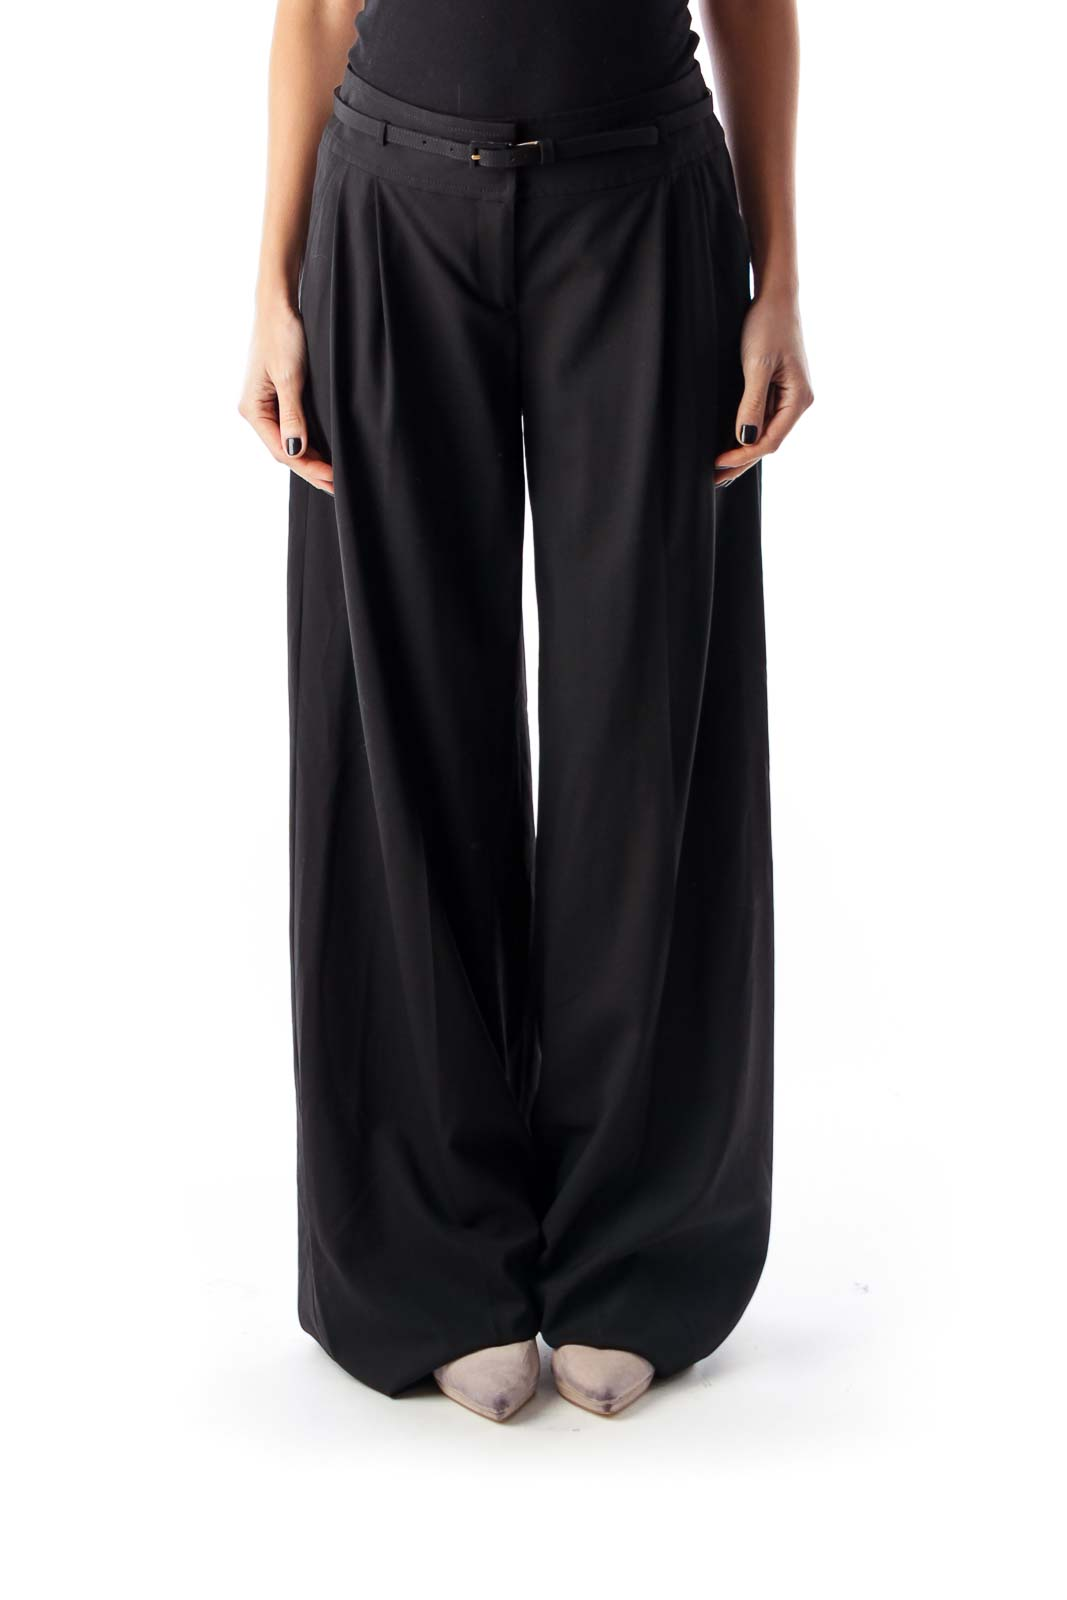 Black Belted Wide Pants